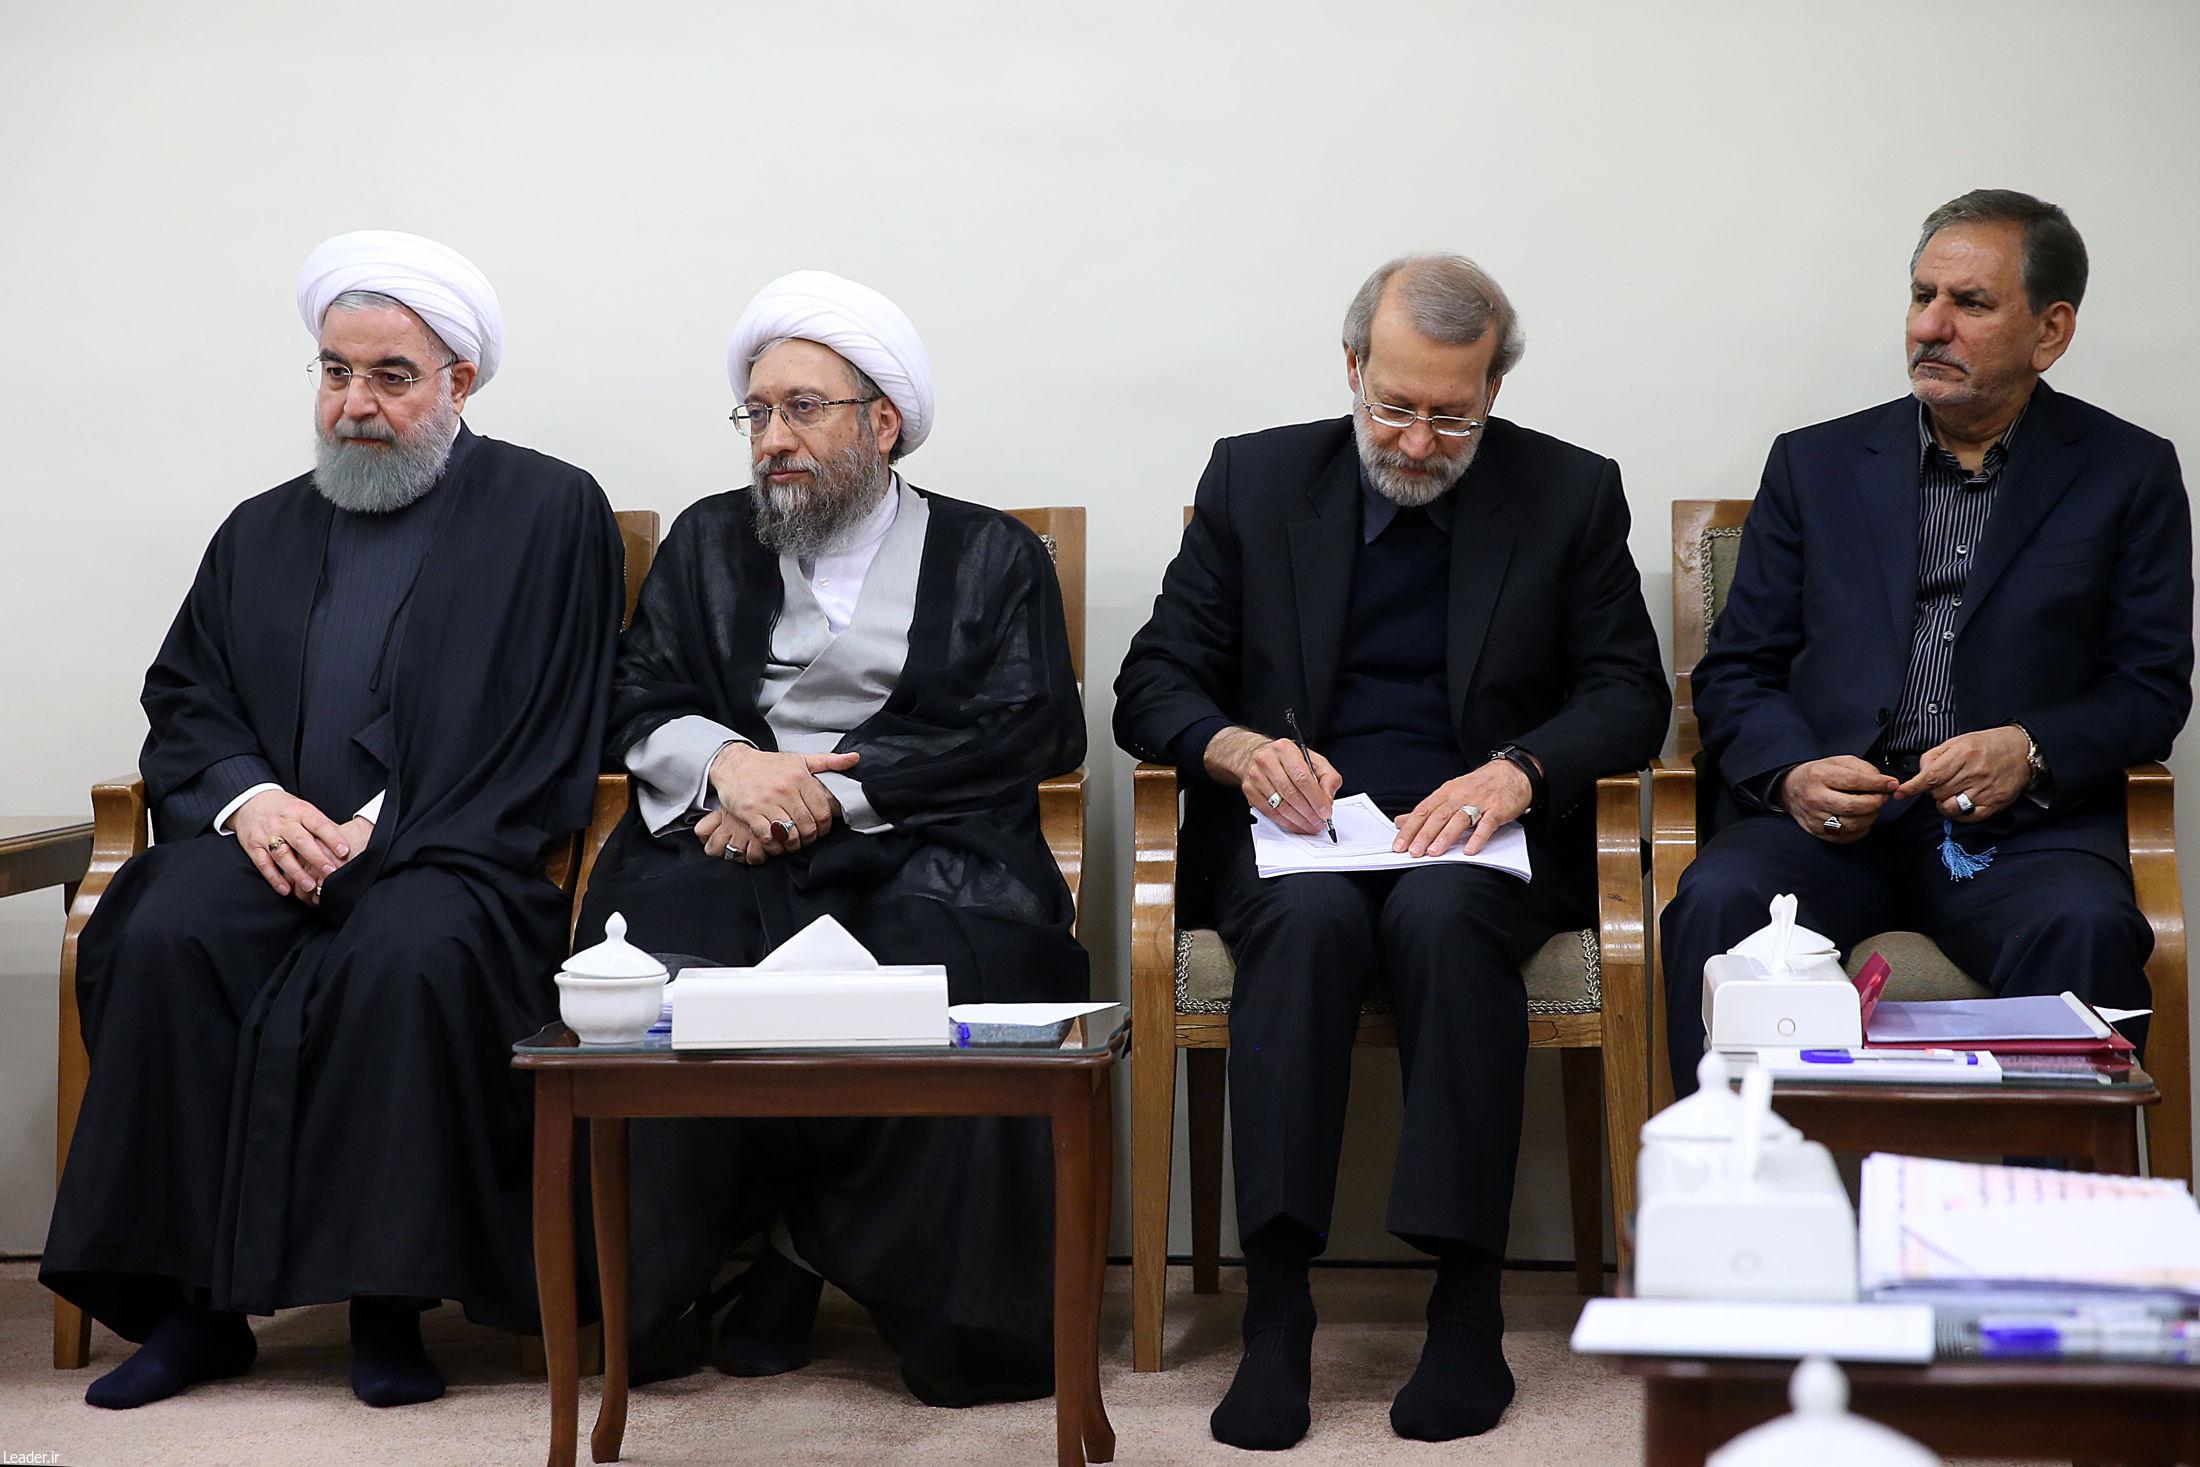 گزارش تصویری جلسه رهبر انقلاب با سران قوا در خصوص زلزله غرب کشور